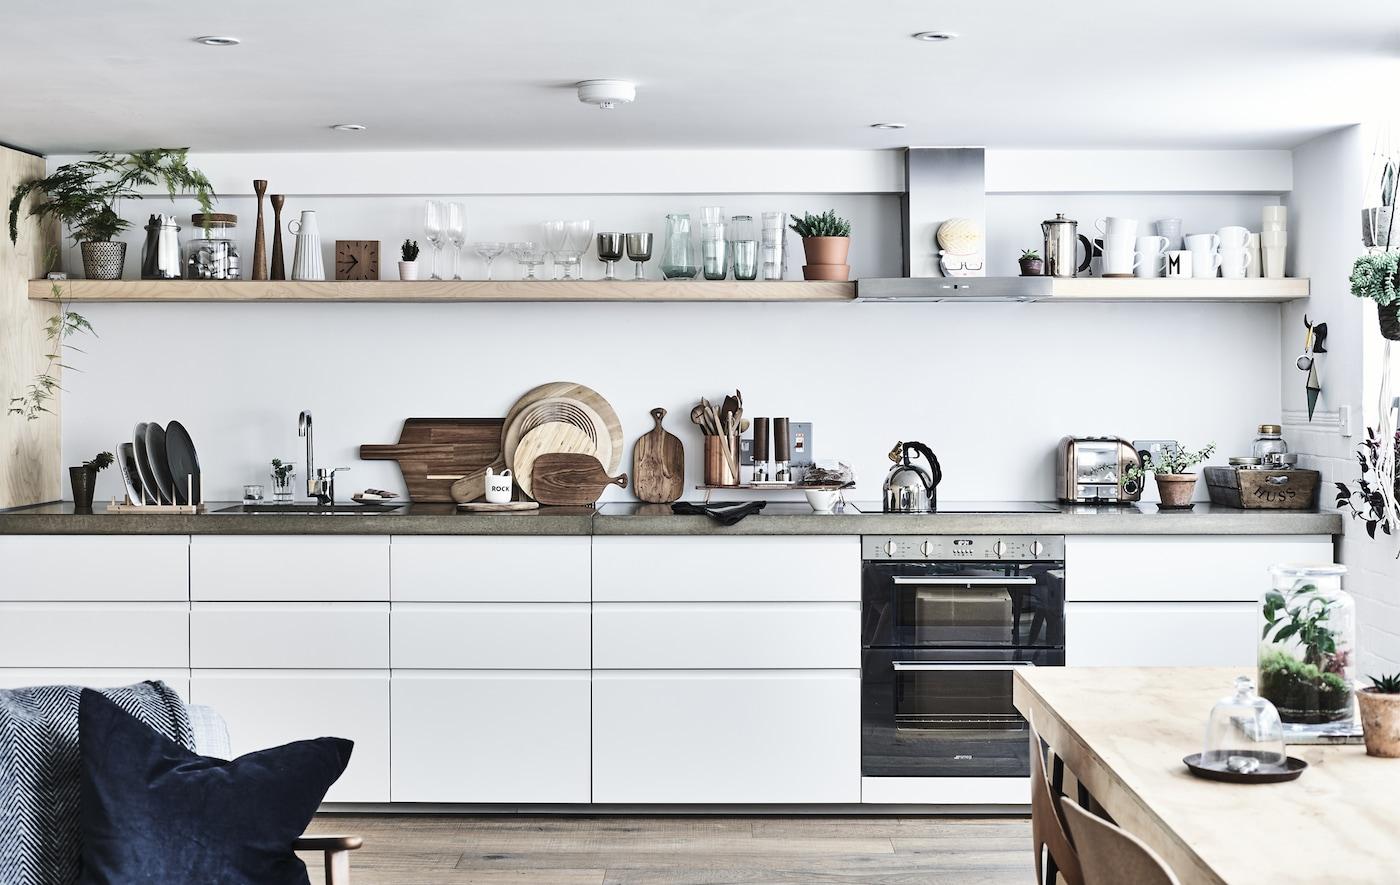 Eine weisse Küche mit Betonarbeitsfläche und Regalen